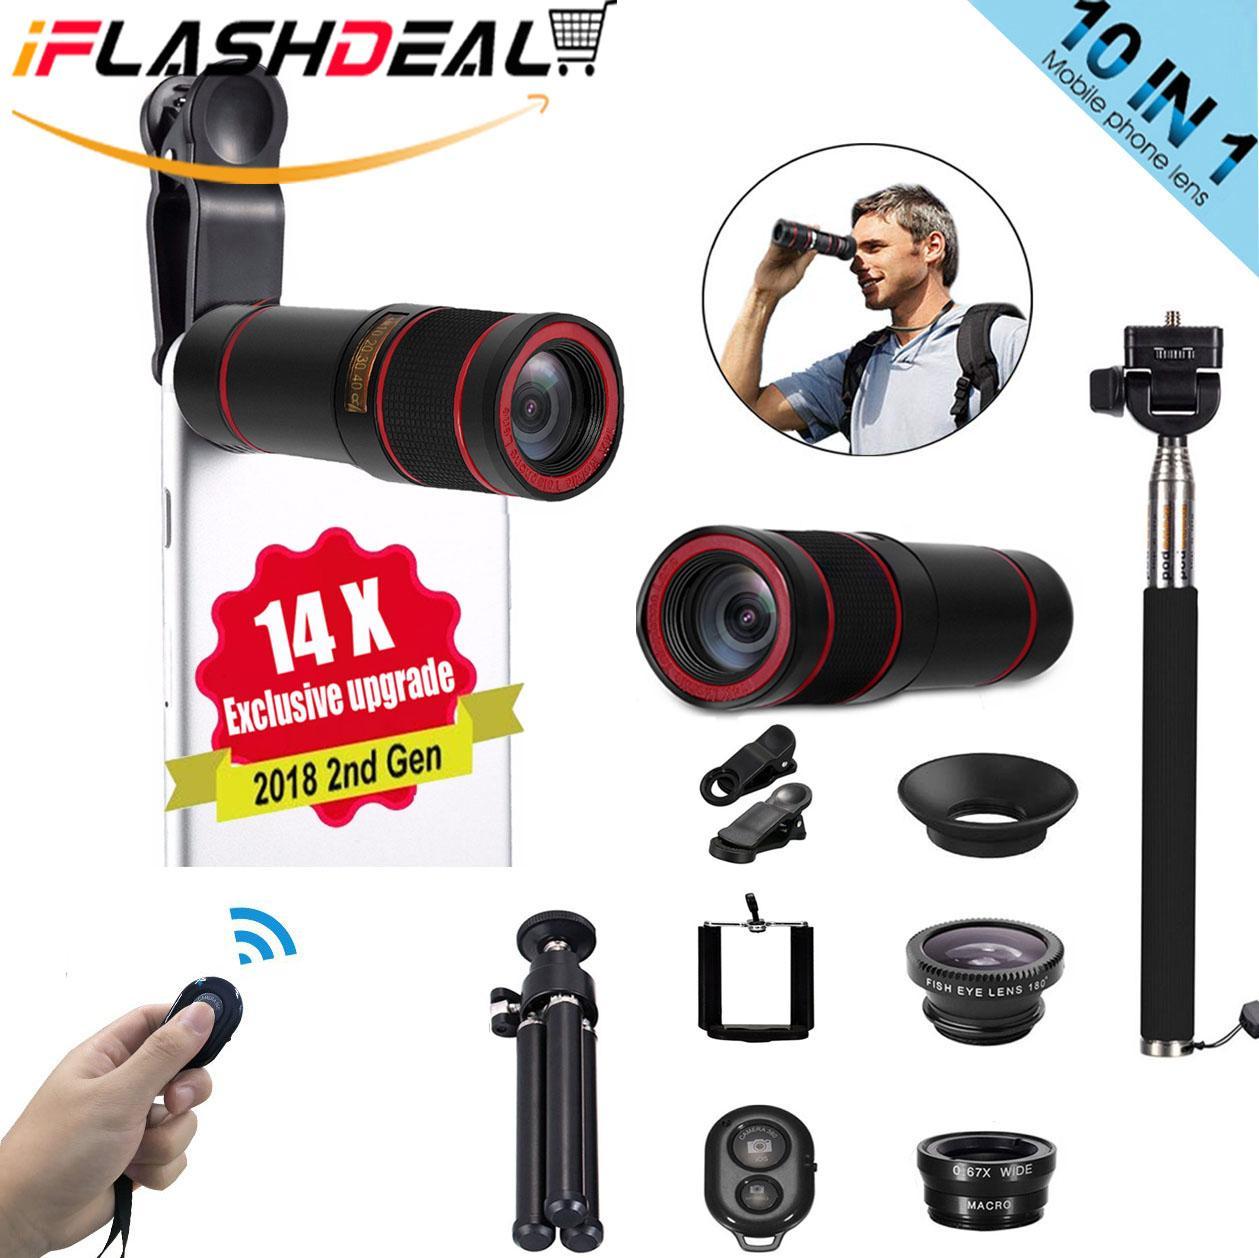 Jual Lensa Kamera Smartphone Harga Terbaik Zoom Hp 18x Untuk Semua Jenis Original Apexel Iflashdeal Tongsis Tripod Phone Camera Lens Set For Mobile 10 In1